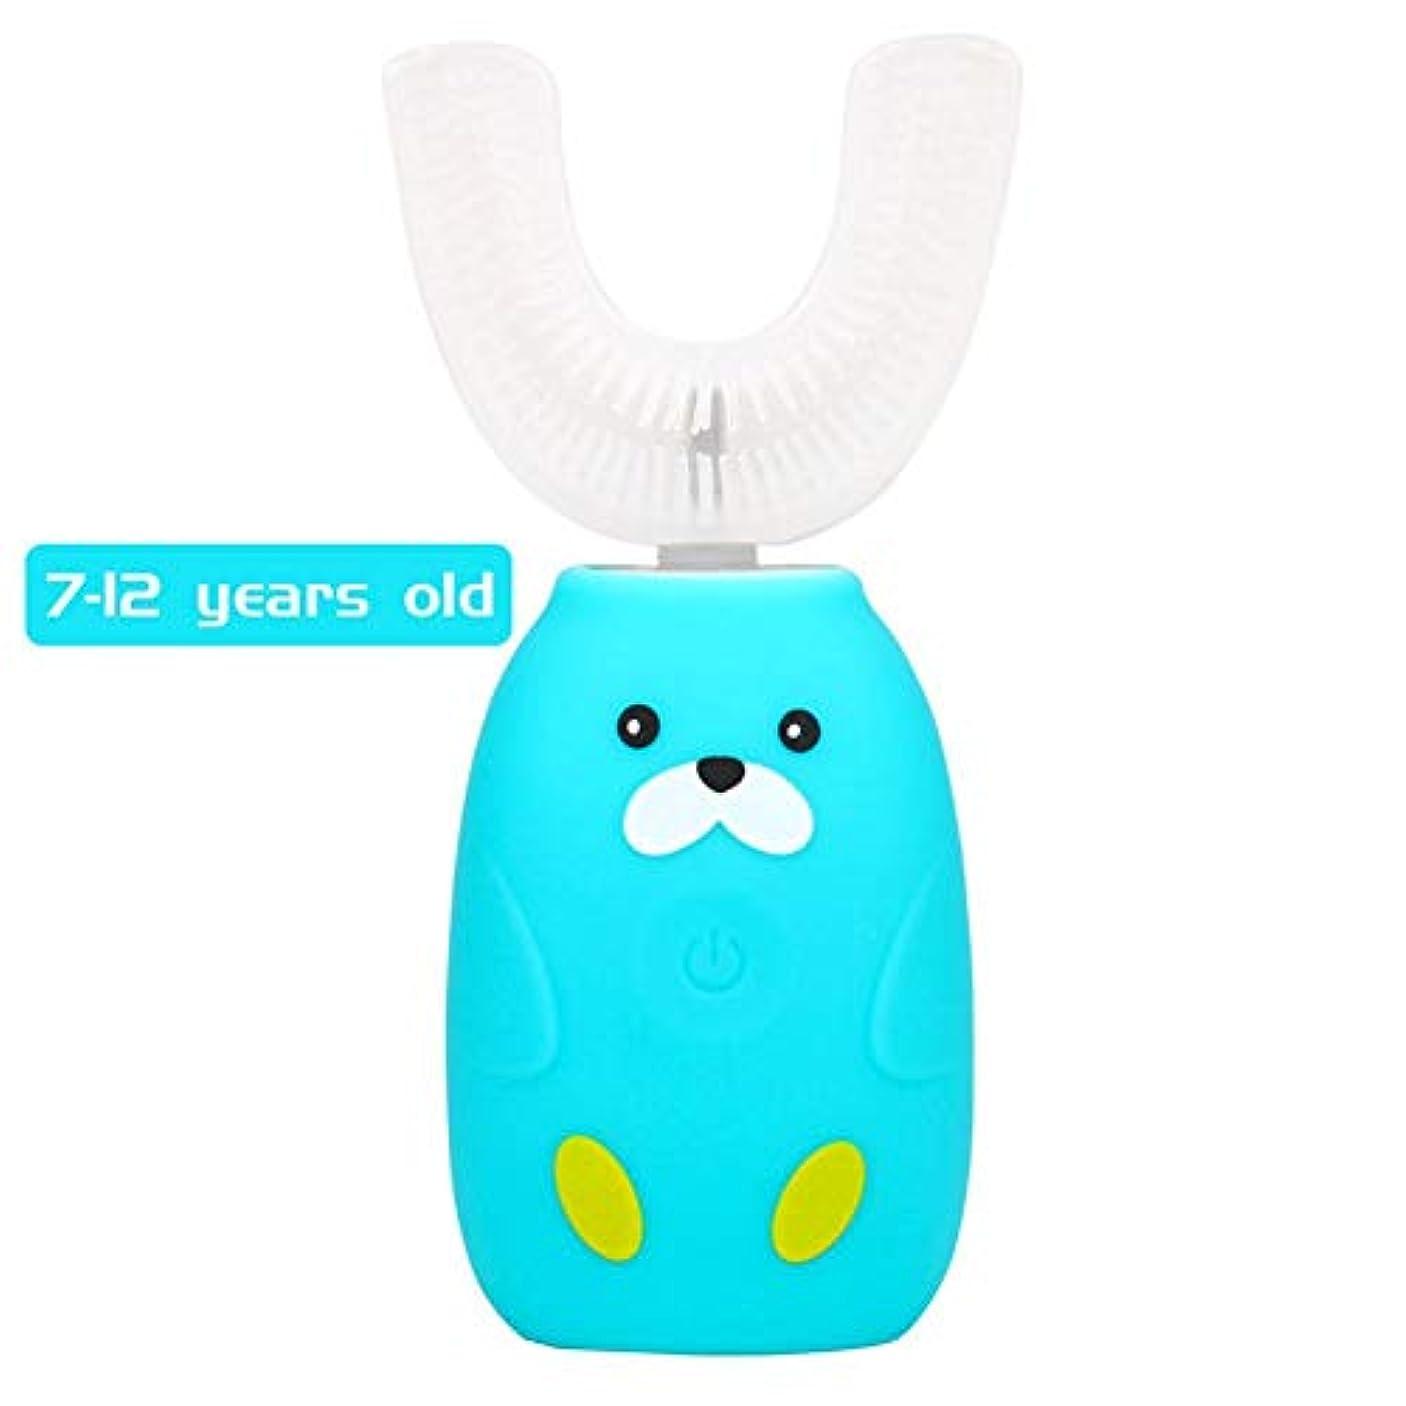 理解再撮りシャイU型電動歯ブラシ超音波自動歯ブラシ 360°包囲清掃歯 怠け者歯ブラシ 4つモードUSB充電 IPX7防水 自動歯ブラシ